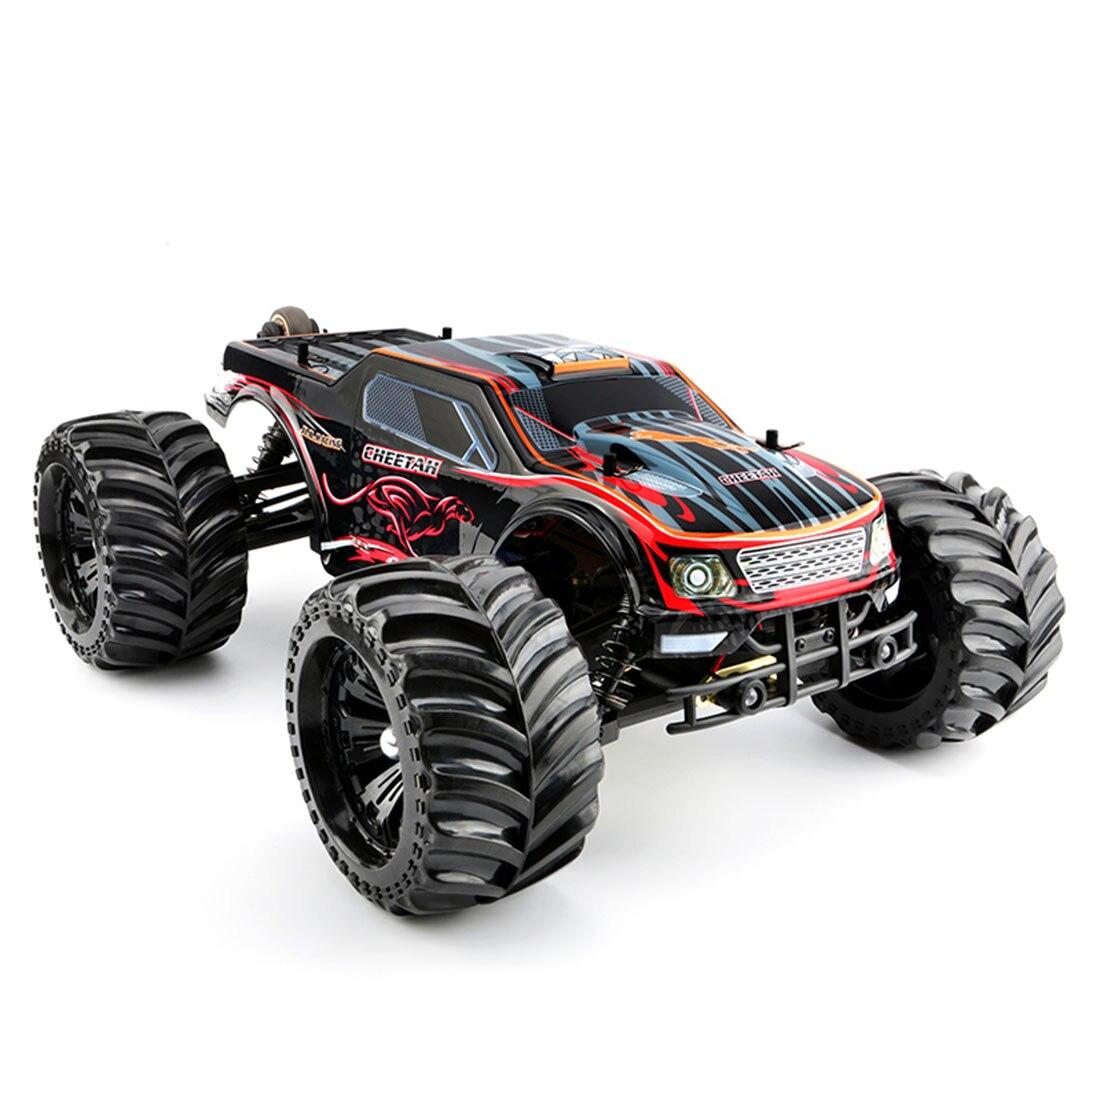 Jlb Racing 1:10 4WD Rc Borstelloze Monster Truck Off Road Voertuig Waterdichte Rc Auto Met Wheelie Functie Speelgoed Voor kid Rtr Versie